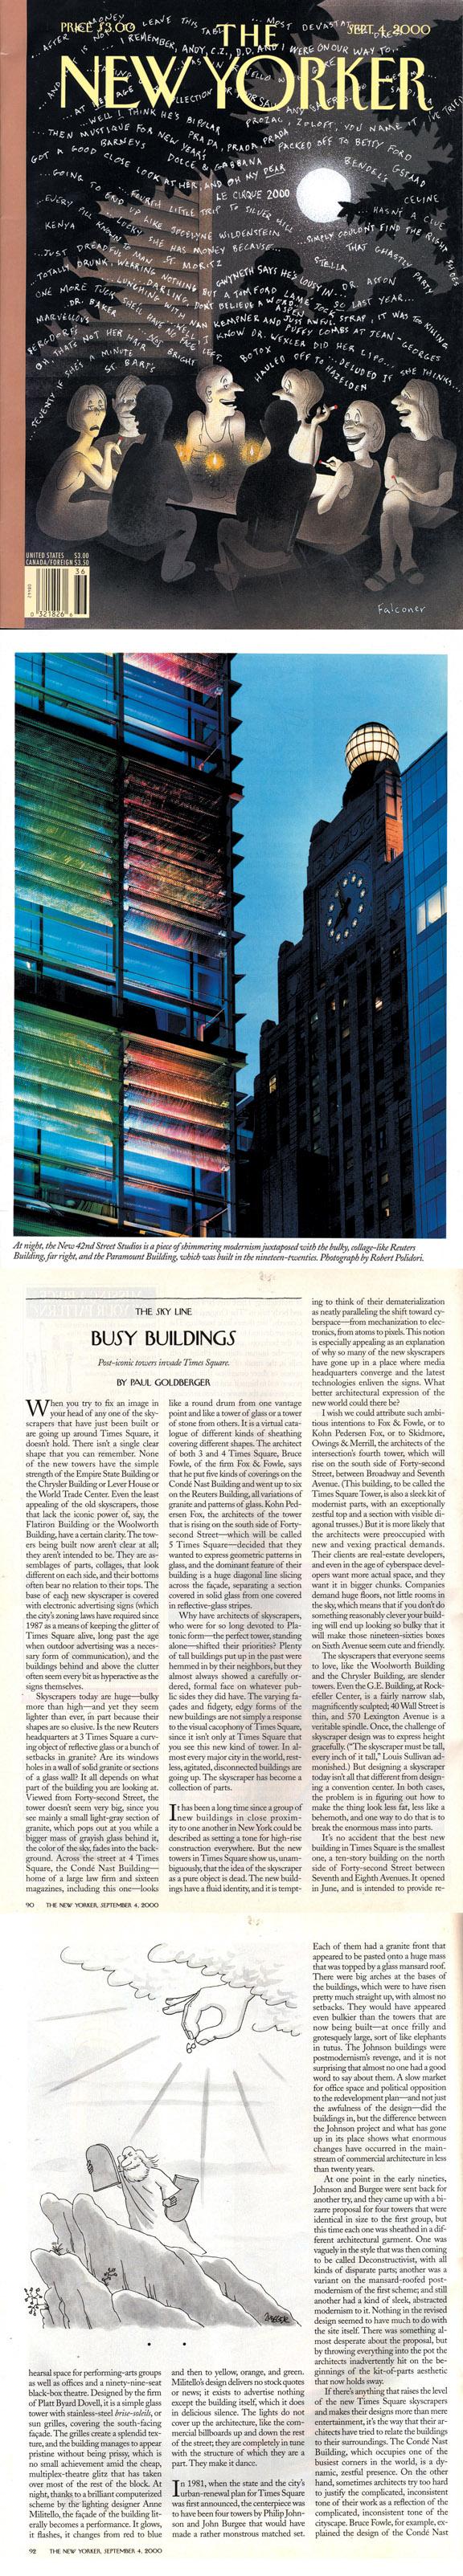 NEW YORKER | SEPTEMBER 4, 2000